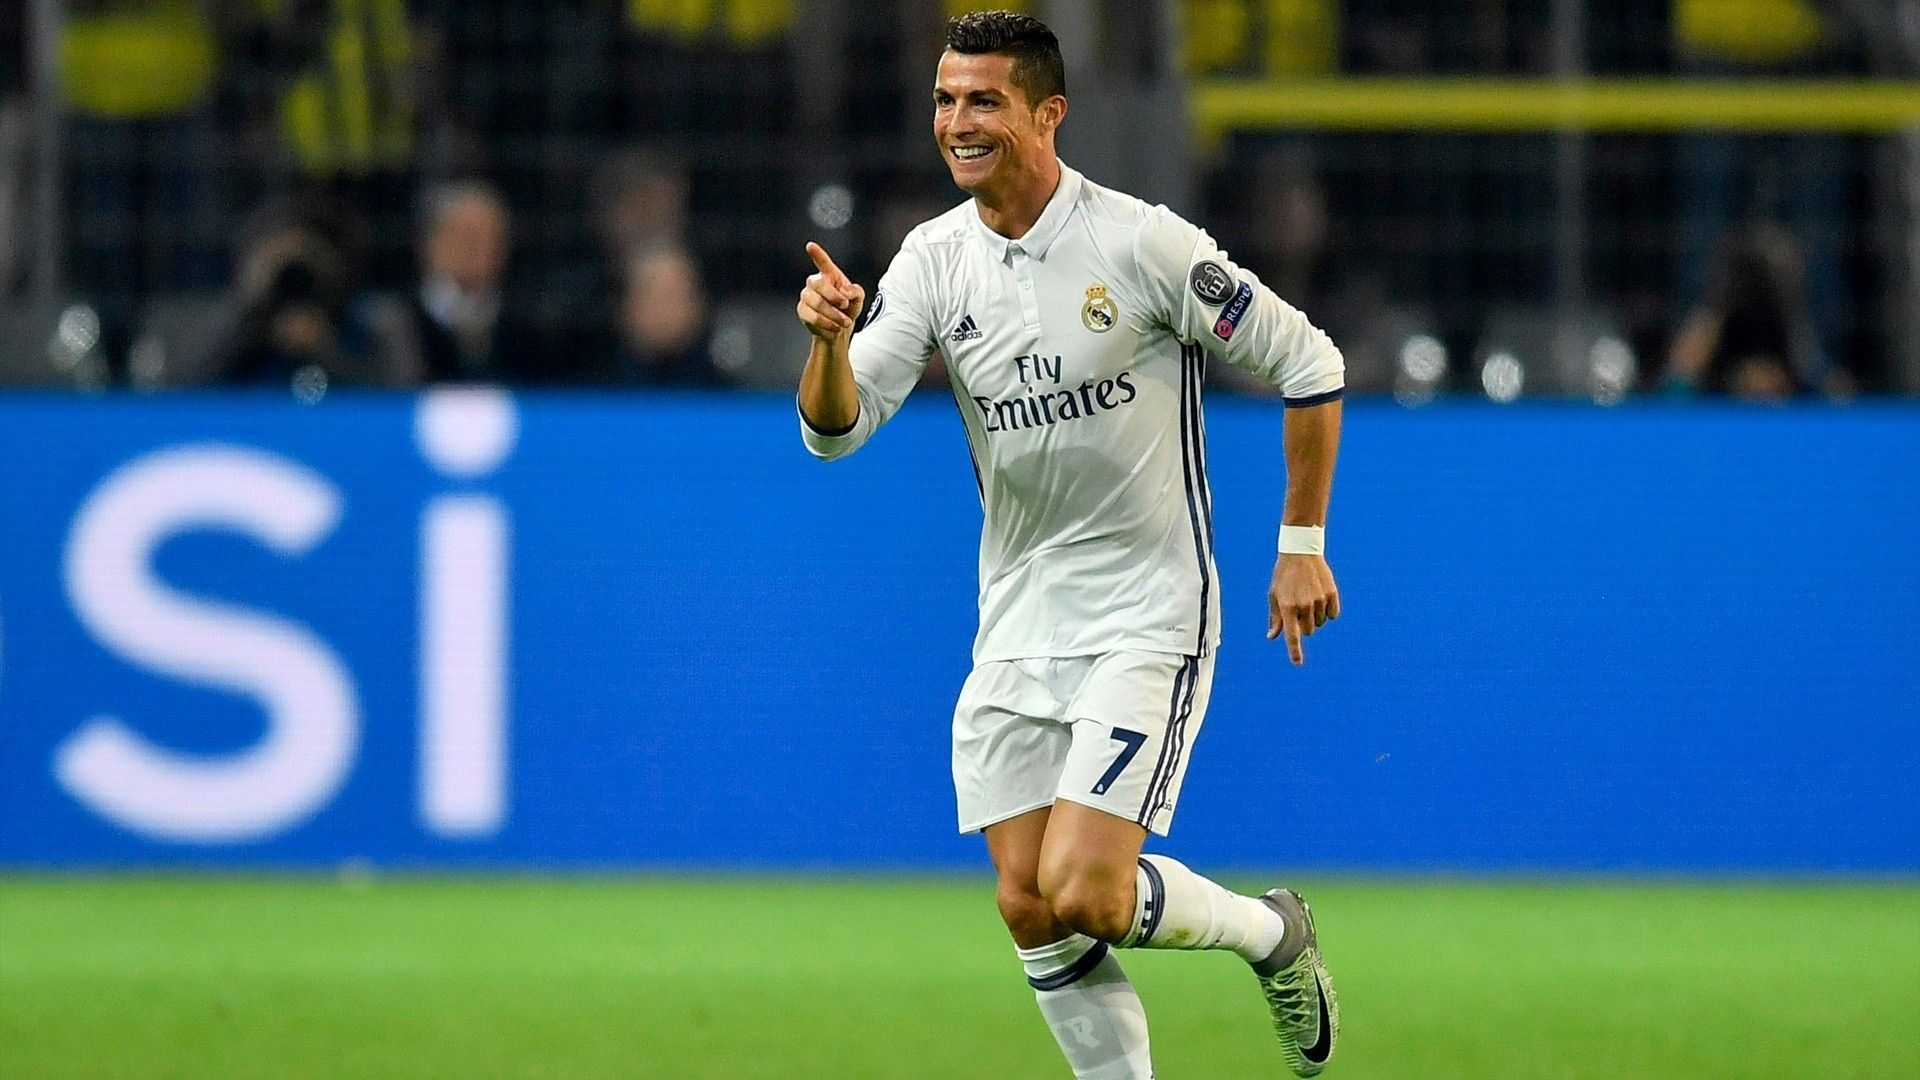 1920x1080 Hình nền Cristiano Ronaldo HD tuyệt vời nhất.  Ronaldo